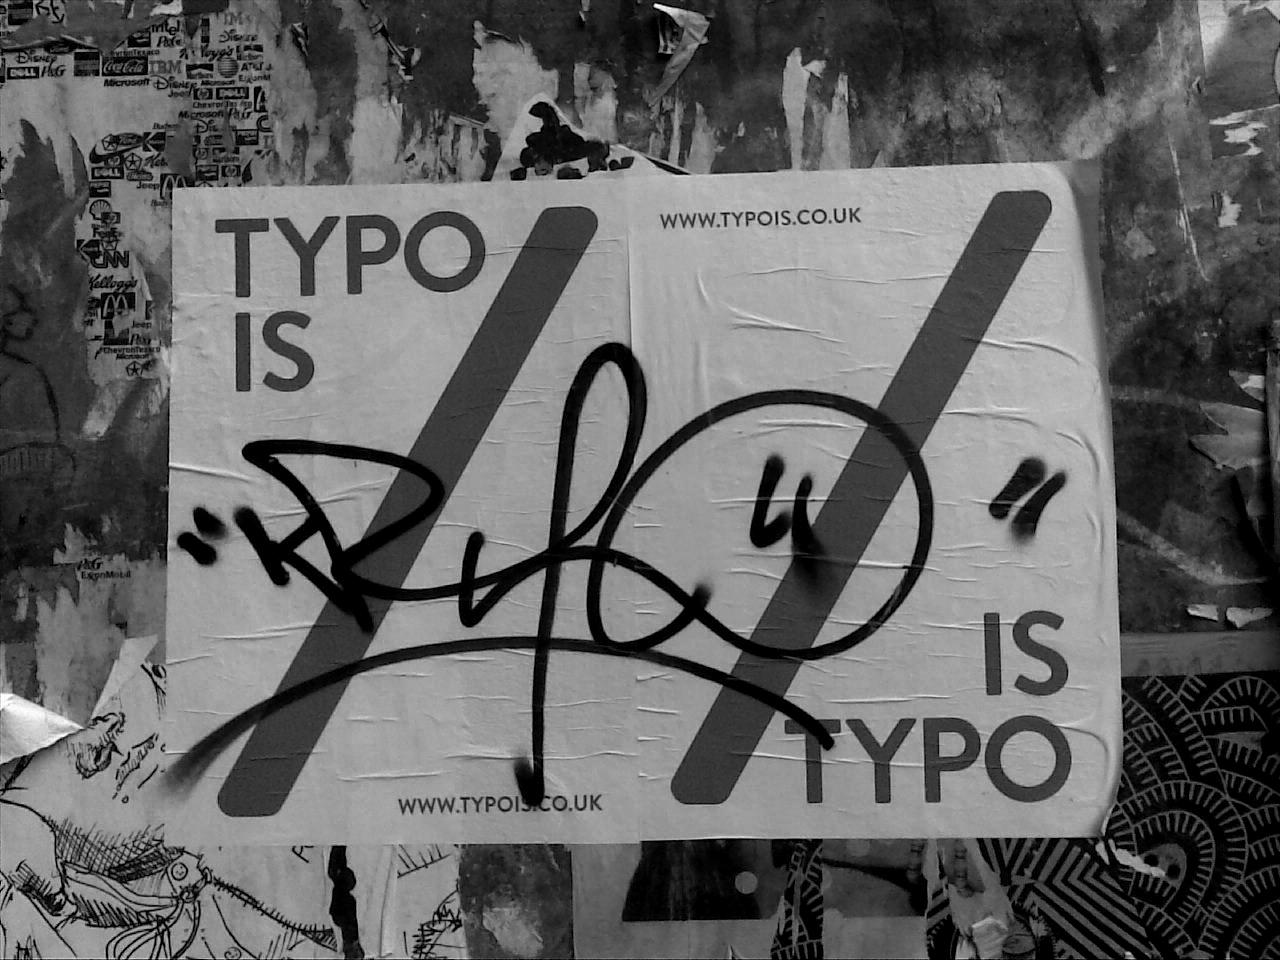 Typo: